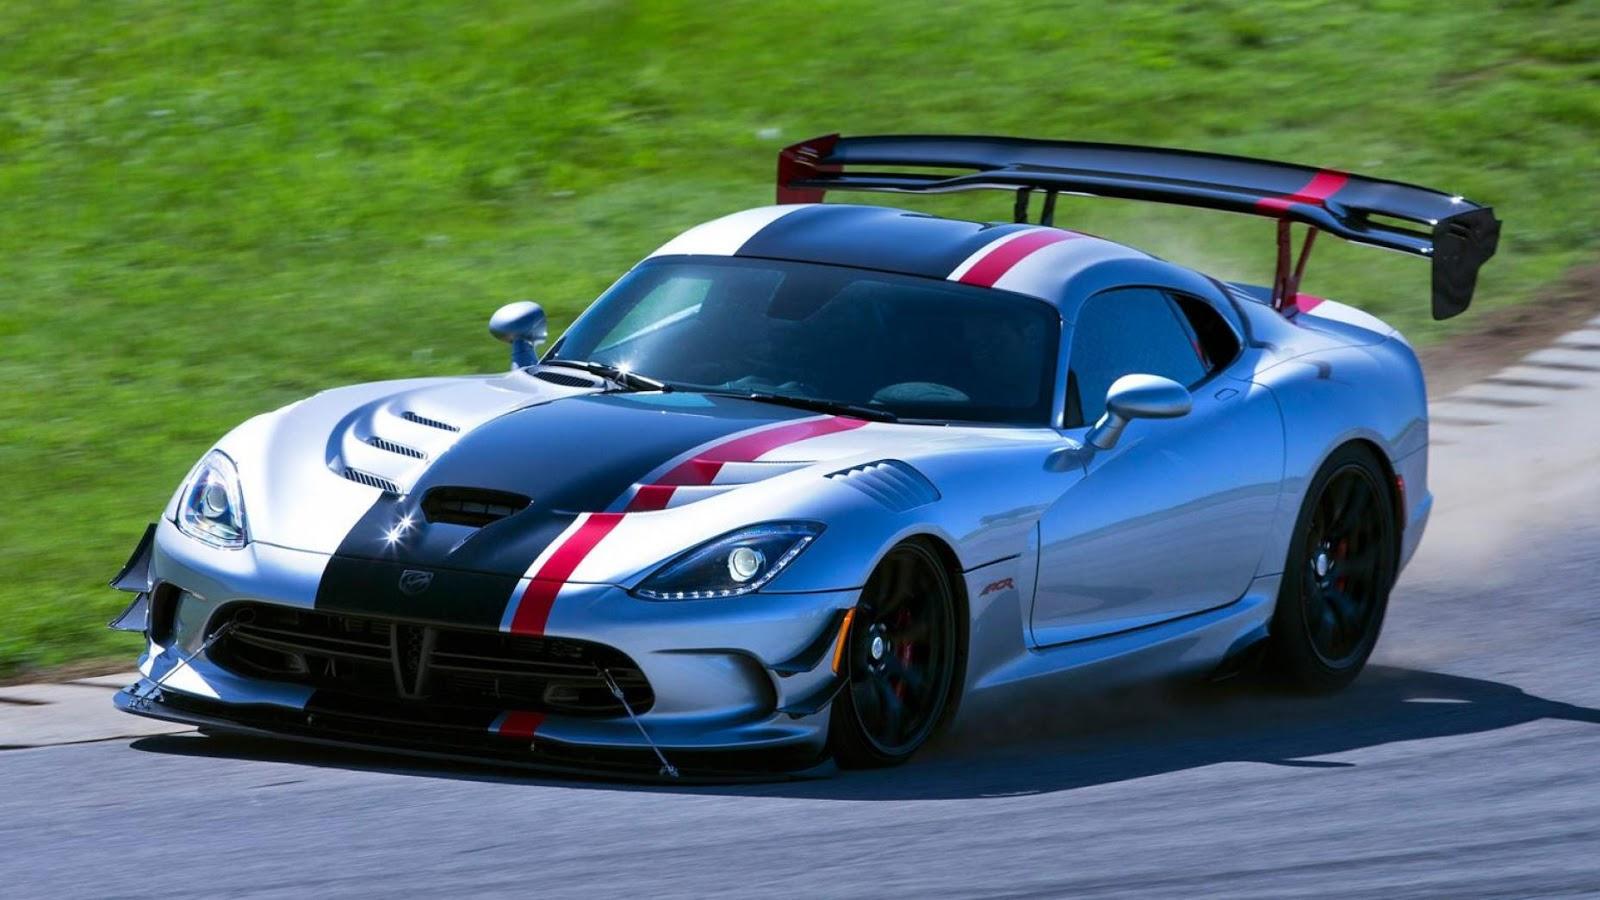 Dodge Viper ACR - tăng tốc từ 0 - 96 km/h trong 3.0secs